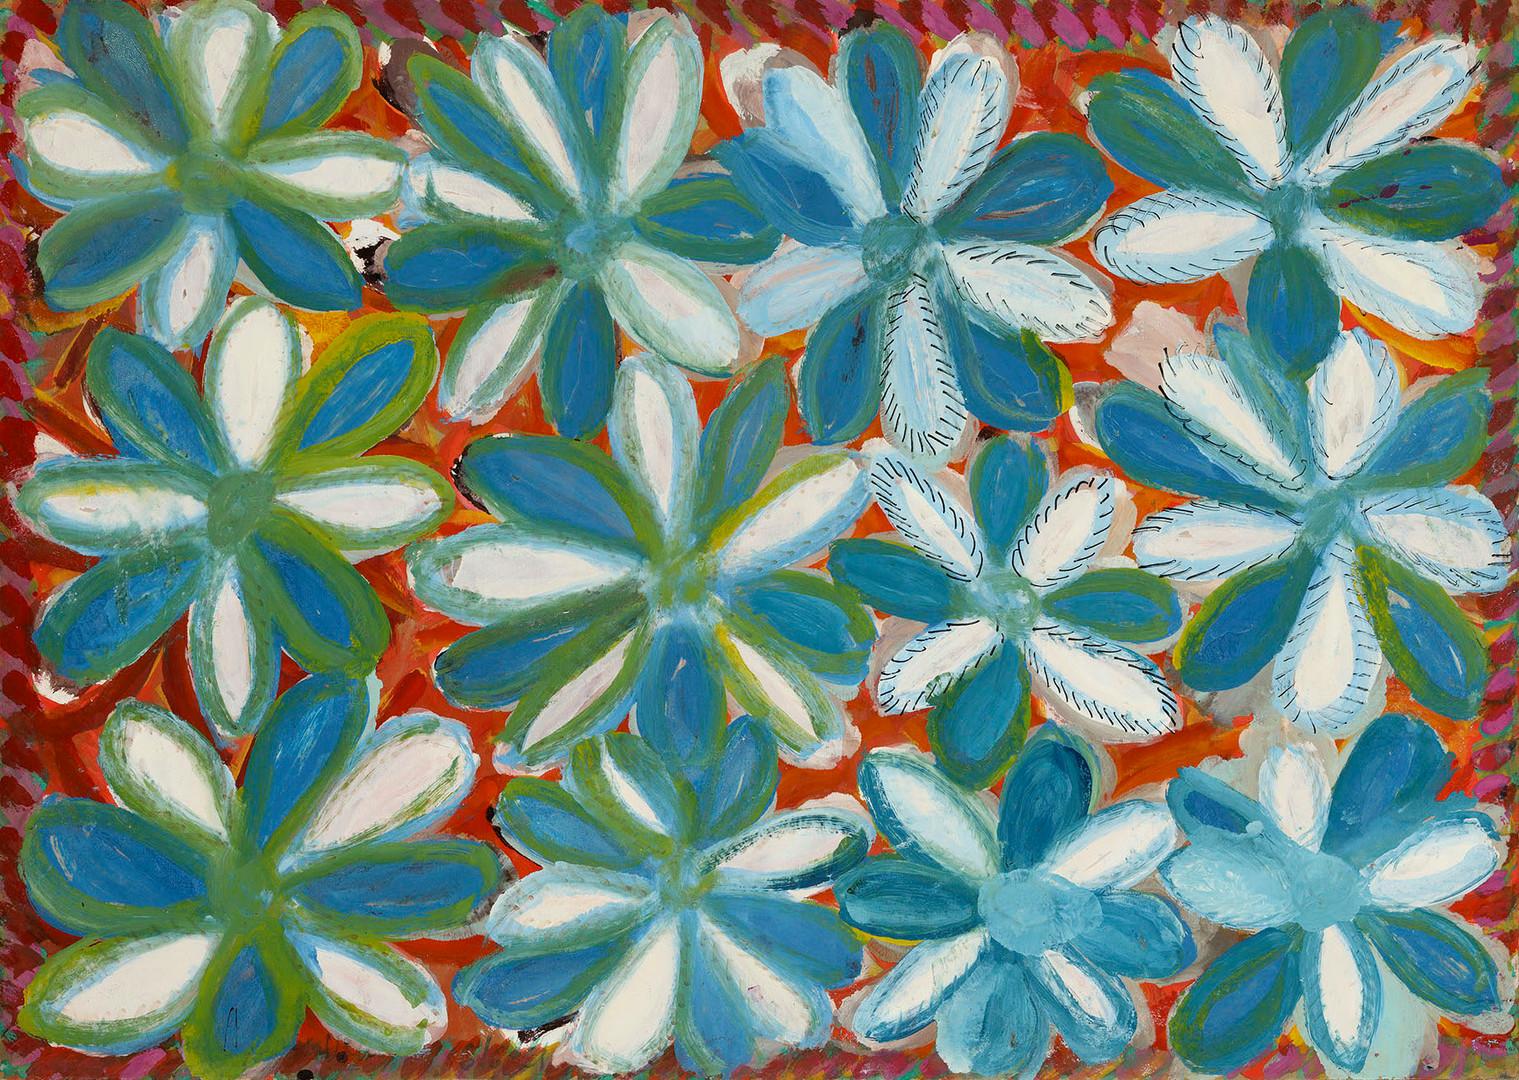 Anselme Boix-Vives, Fleurs bleues et blanches, 1965